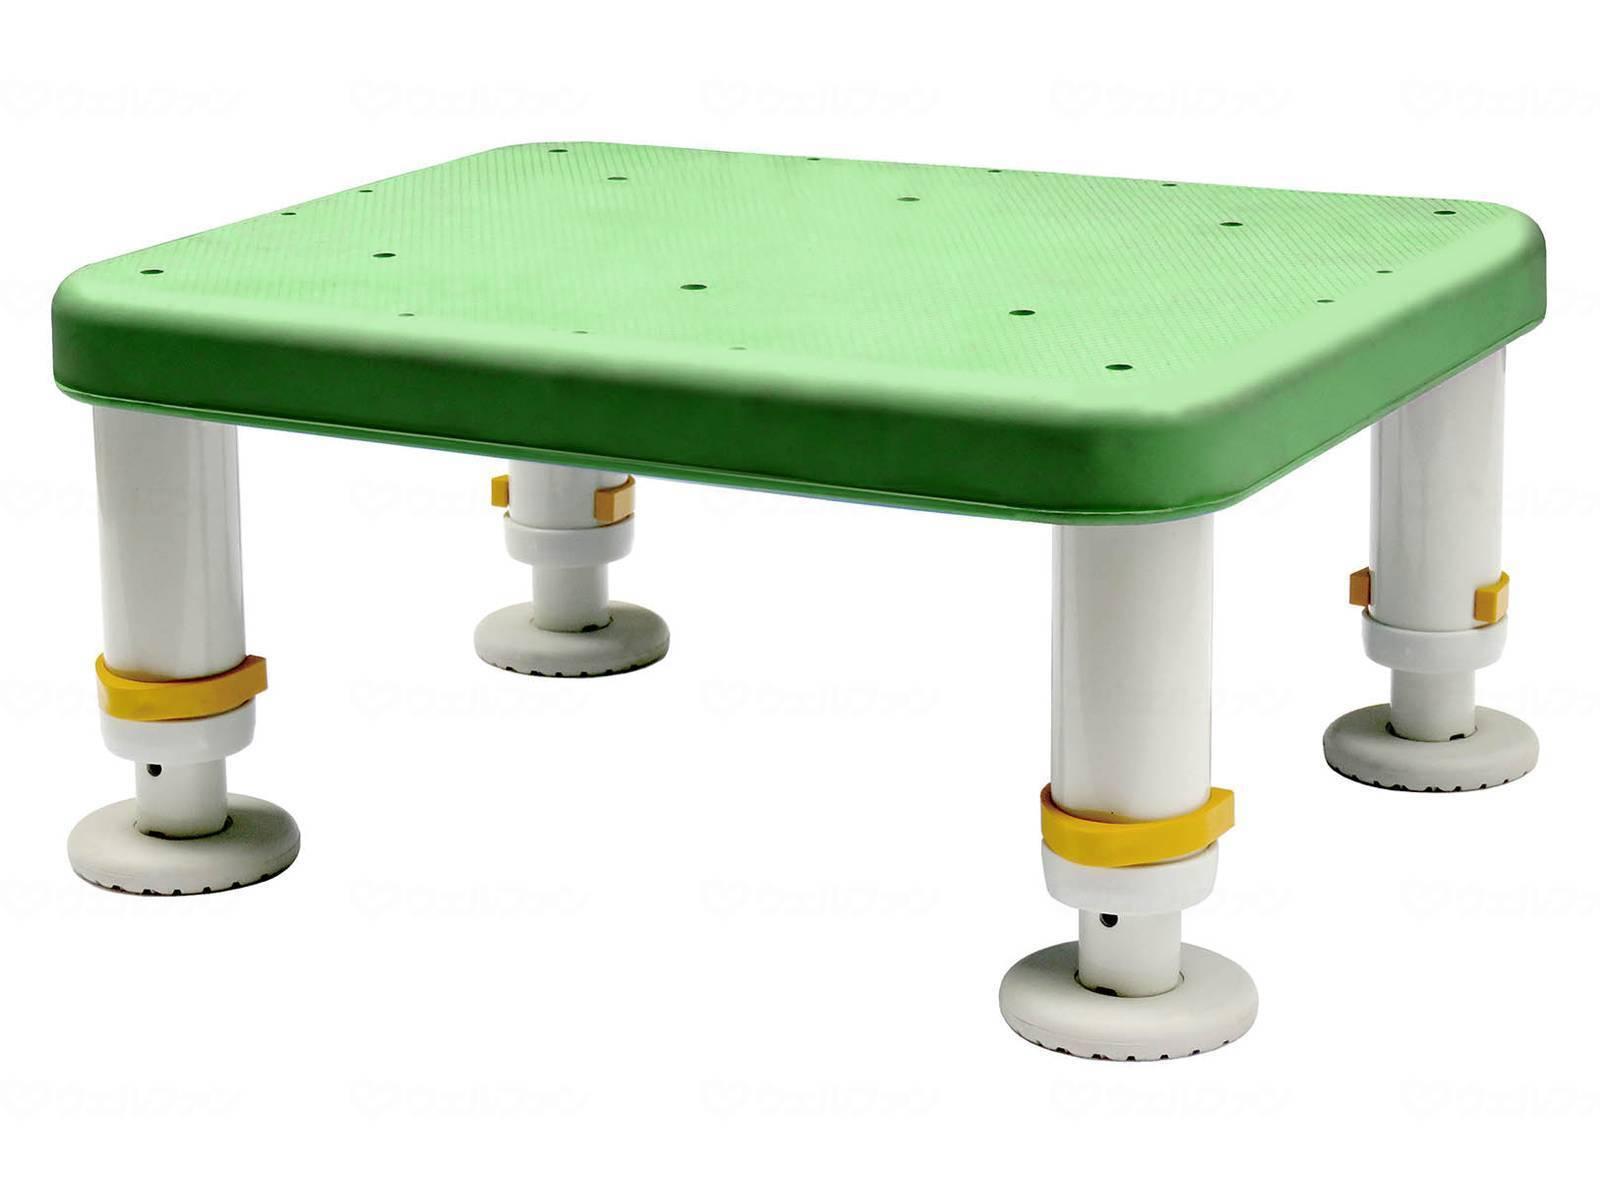 シンエイテクノ  ダイヤタッチ浴槽台 コンパクトサイズ SYC10-15/10-25 送料無料 [介護 ケア 介護用品 風呂]